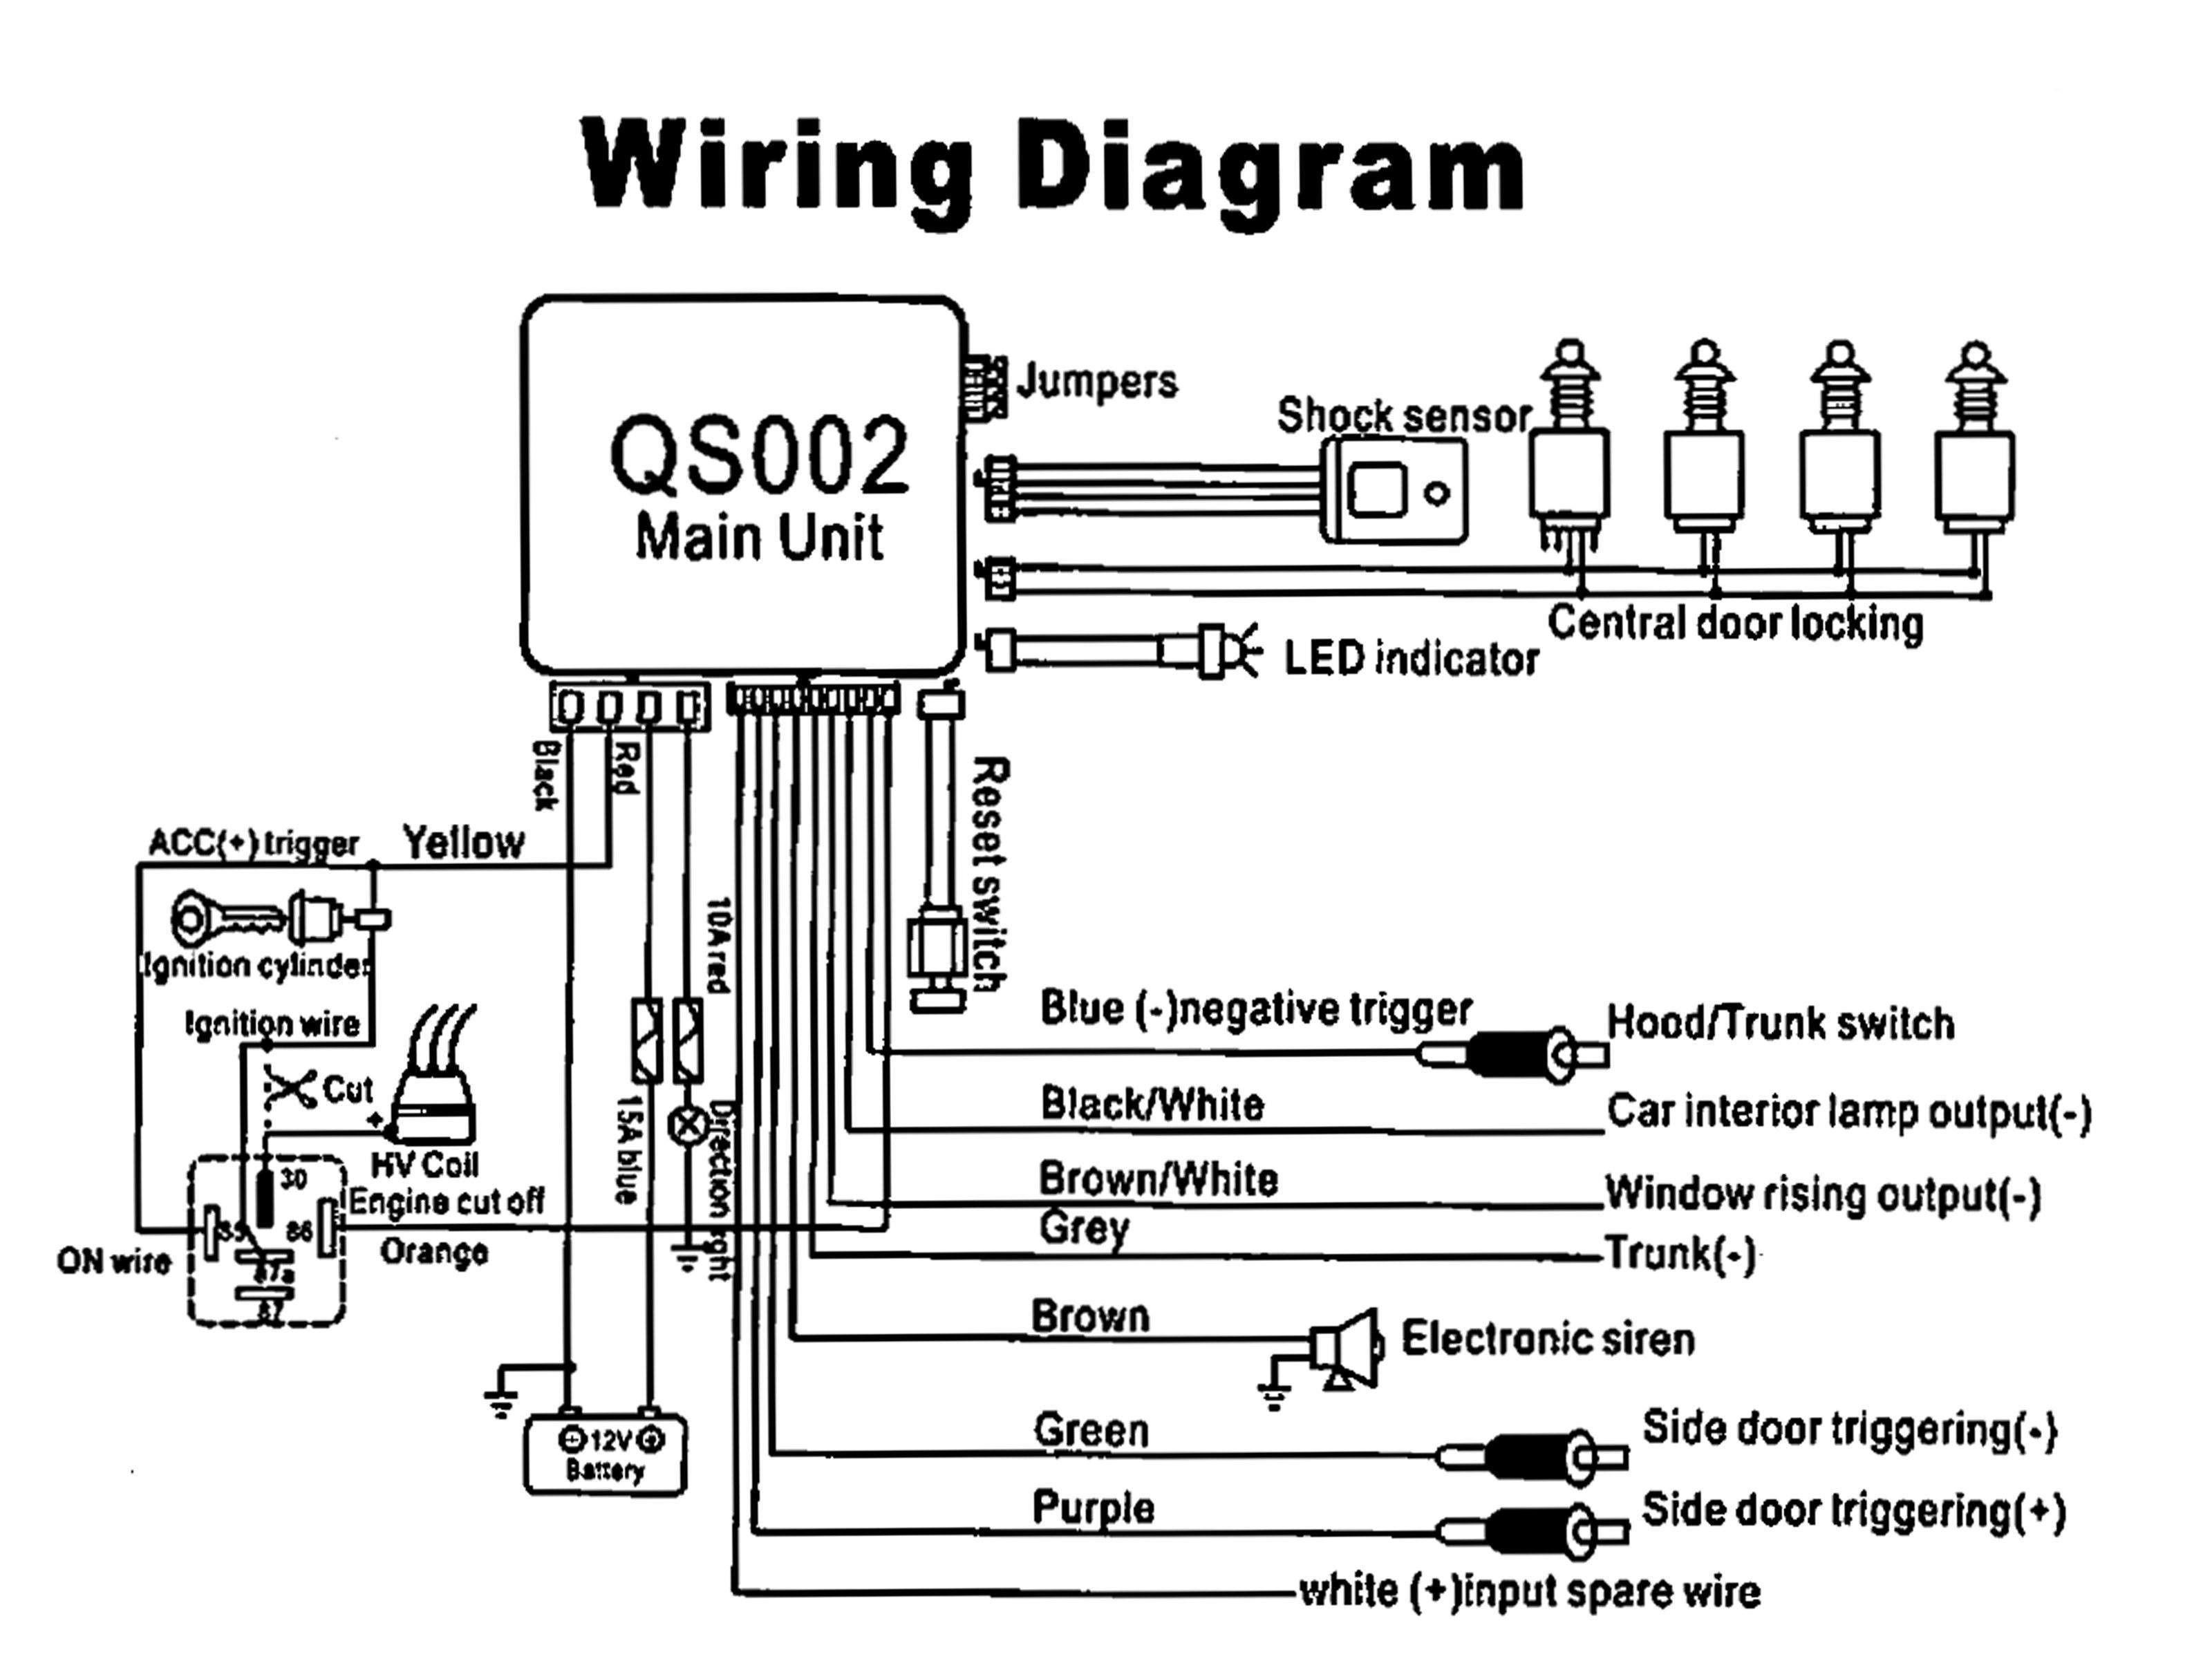 16 Stunning Vehicle Wiring Diagrams Design Https Bacamajalah Com 16 Stunning Vehicle Wiring Diagrams Design Car Alarm Diagram Electrical Circuit Diagram